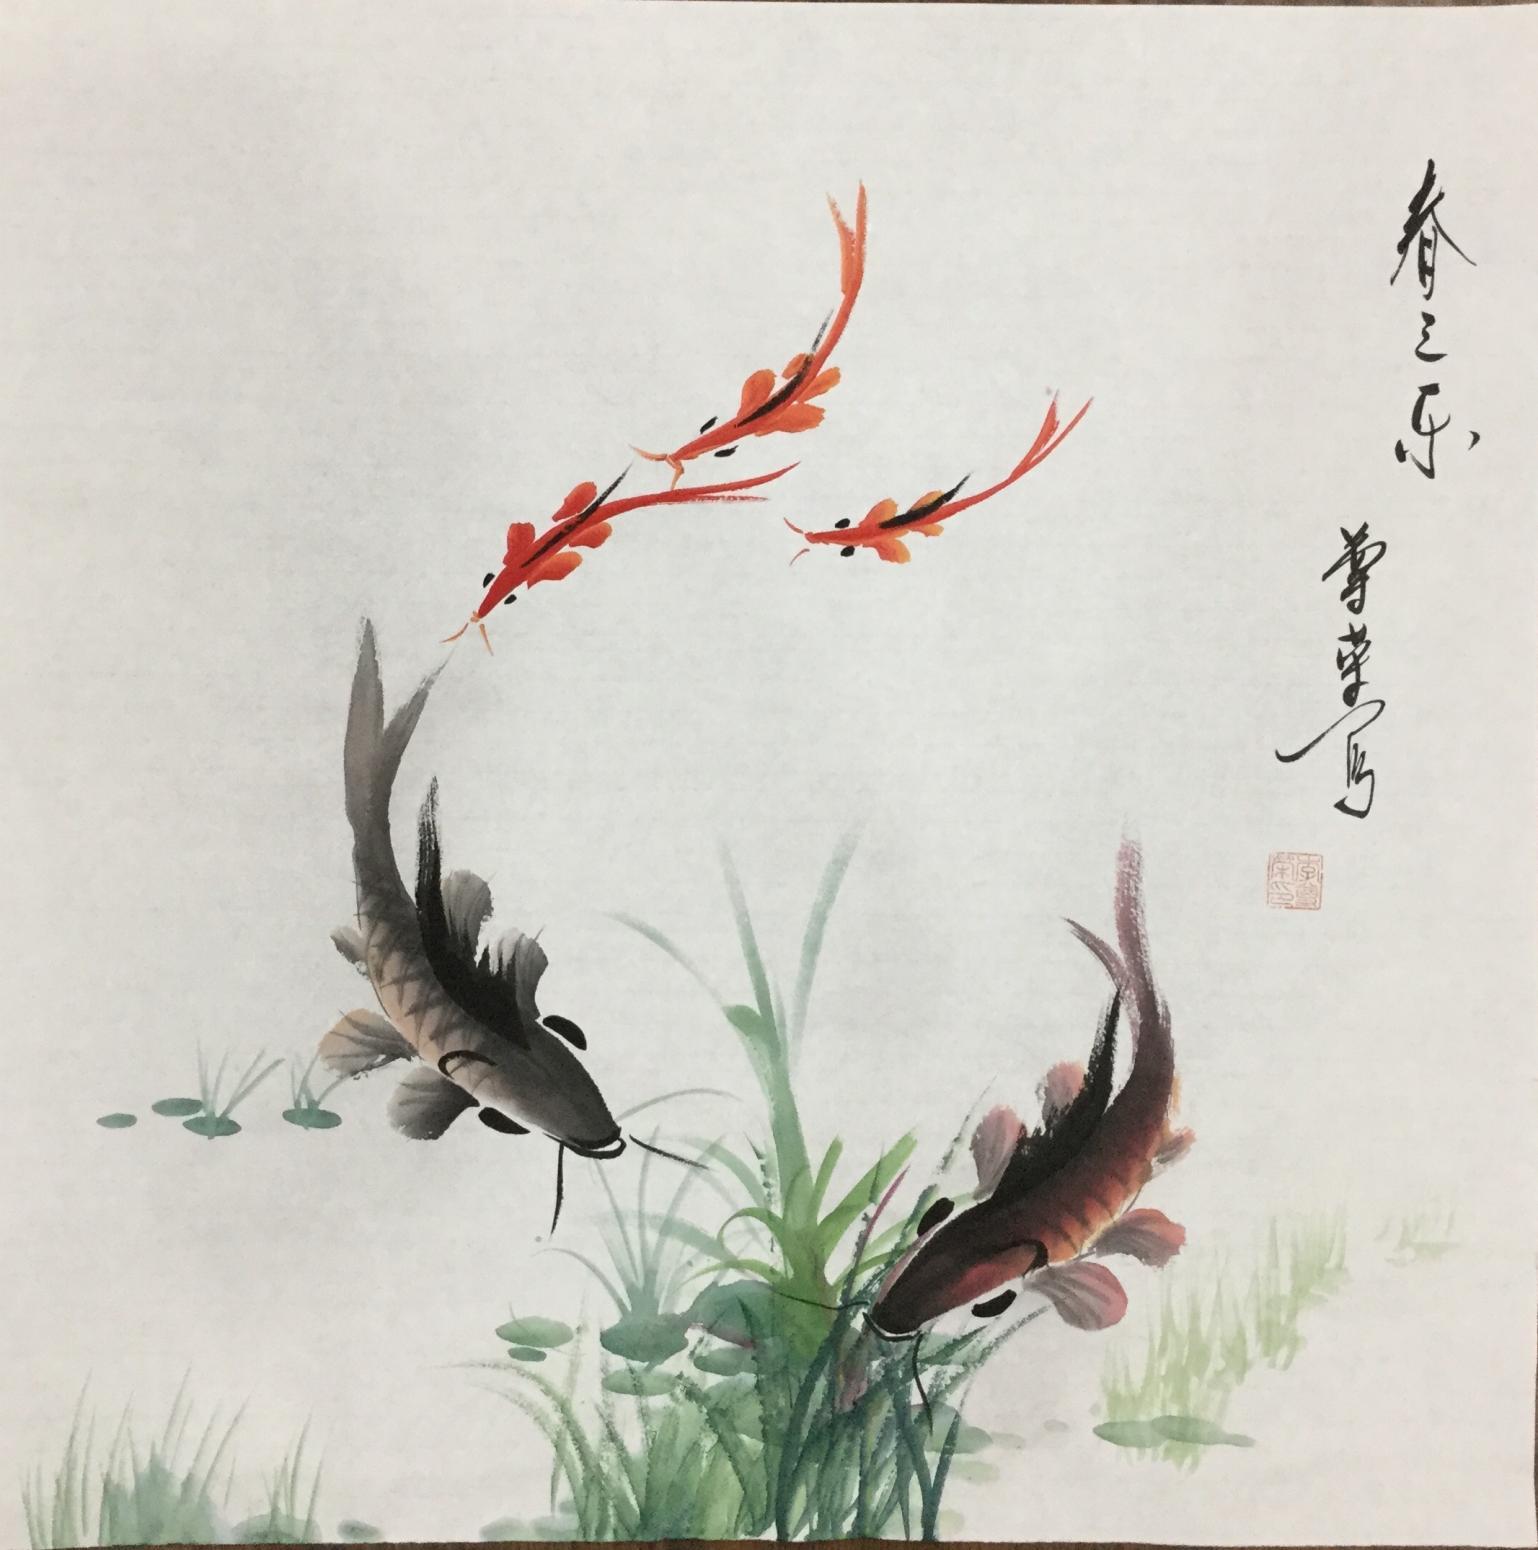 李尊荣国画作品《春之乐》